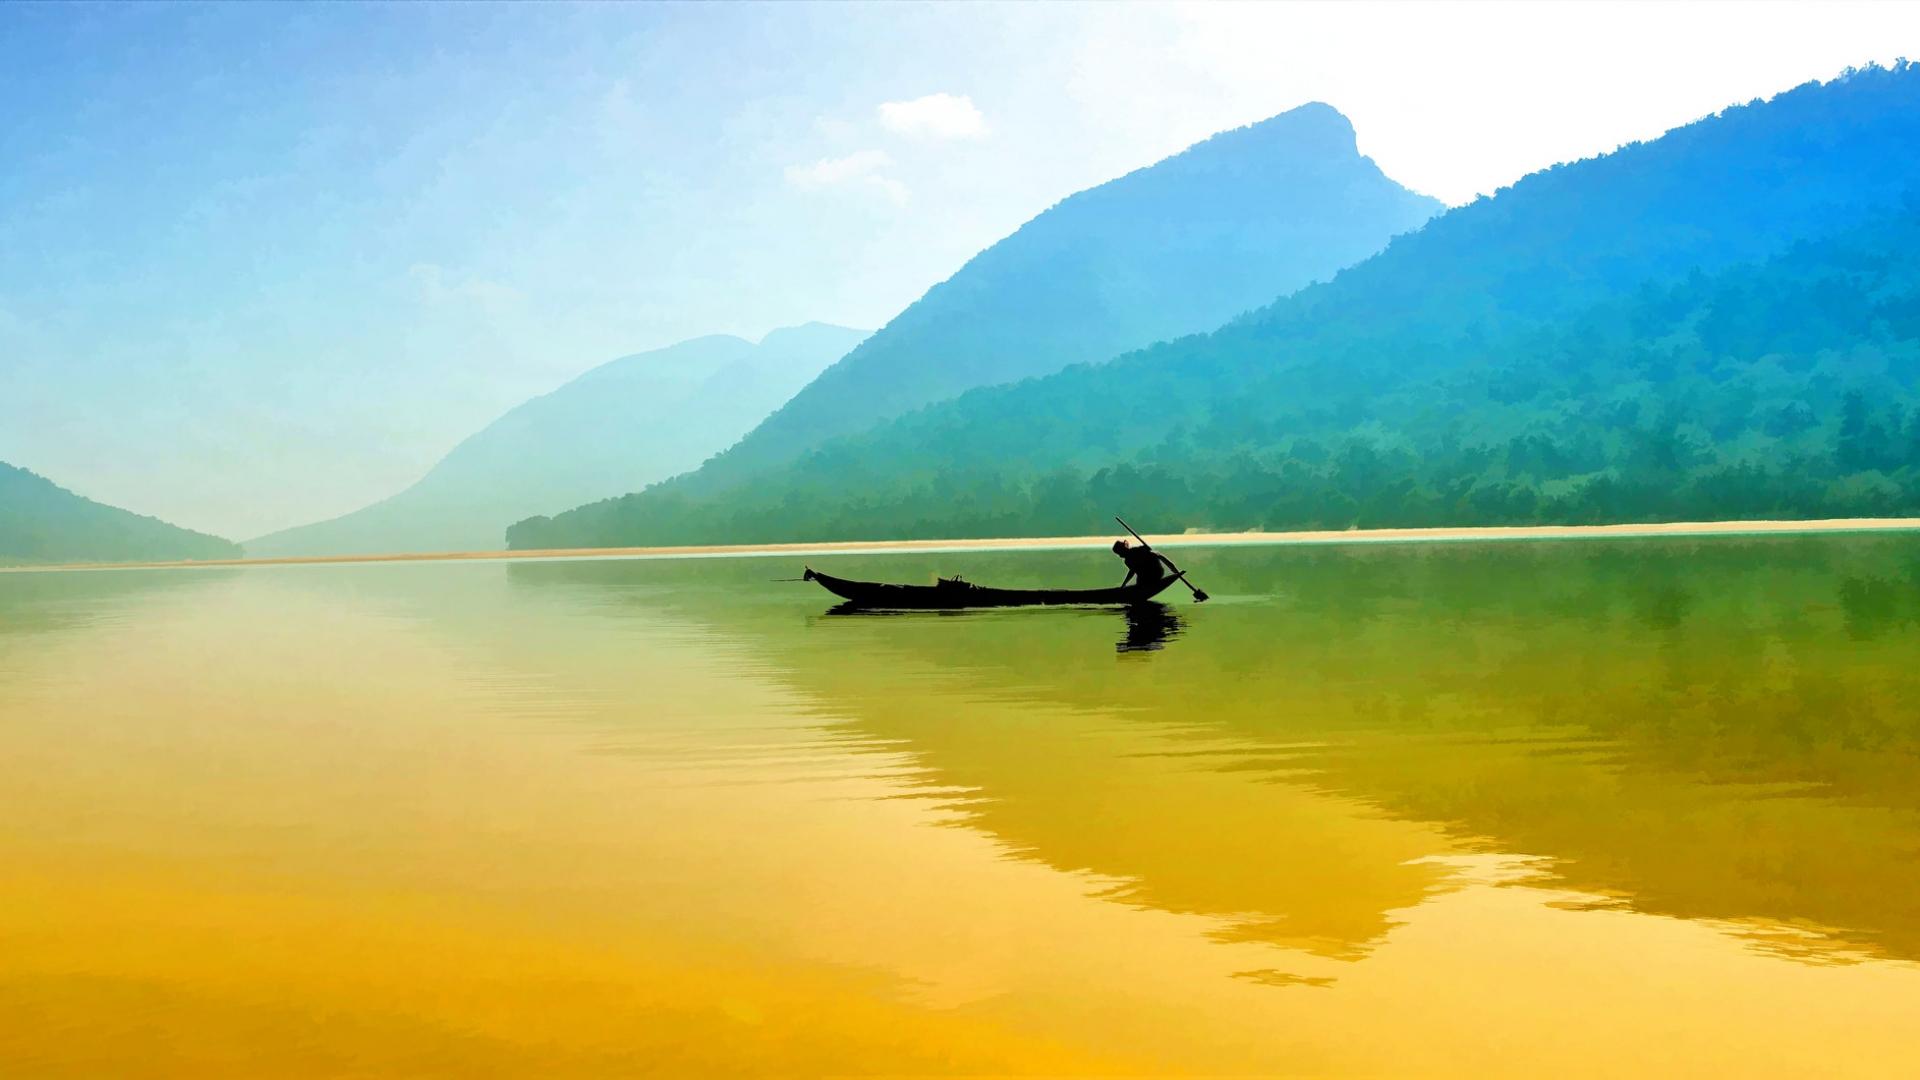 Pesca en un rio - 1920x1080